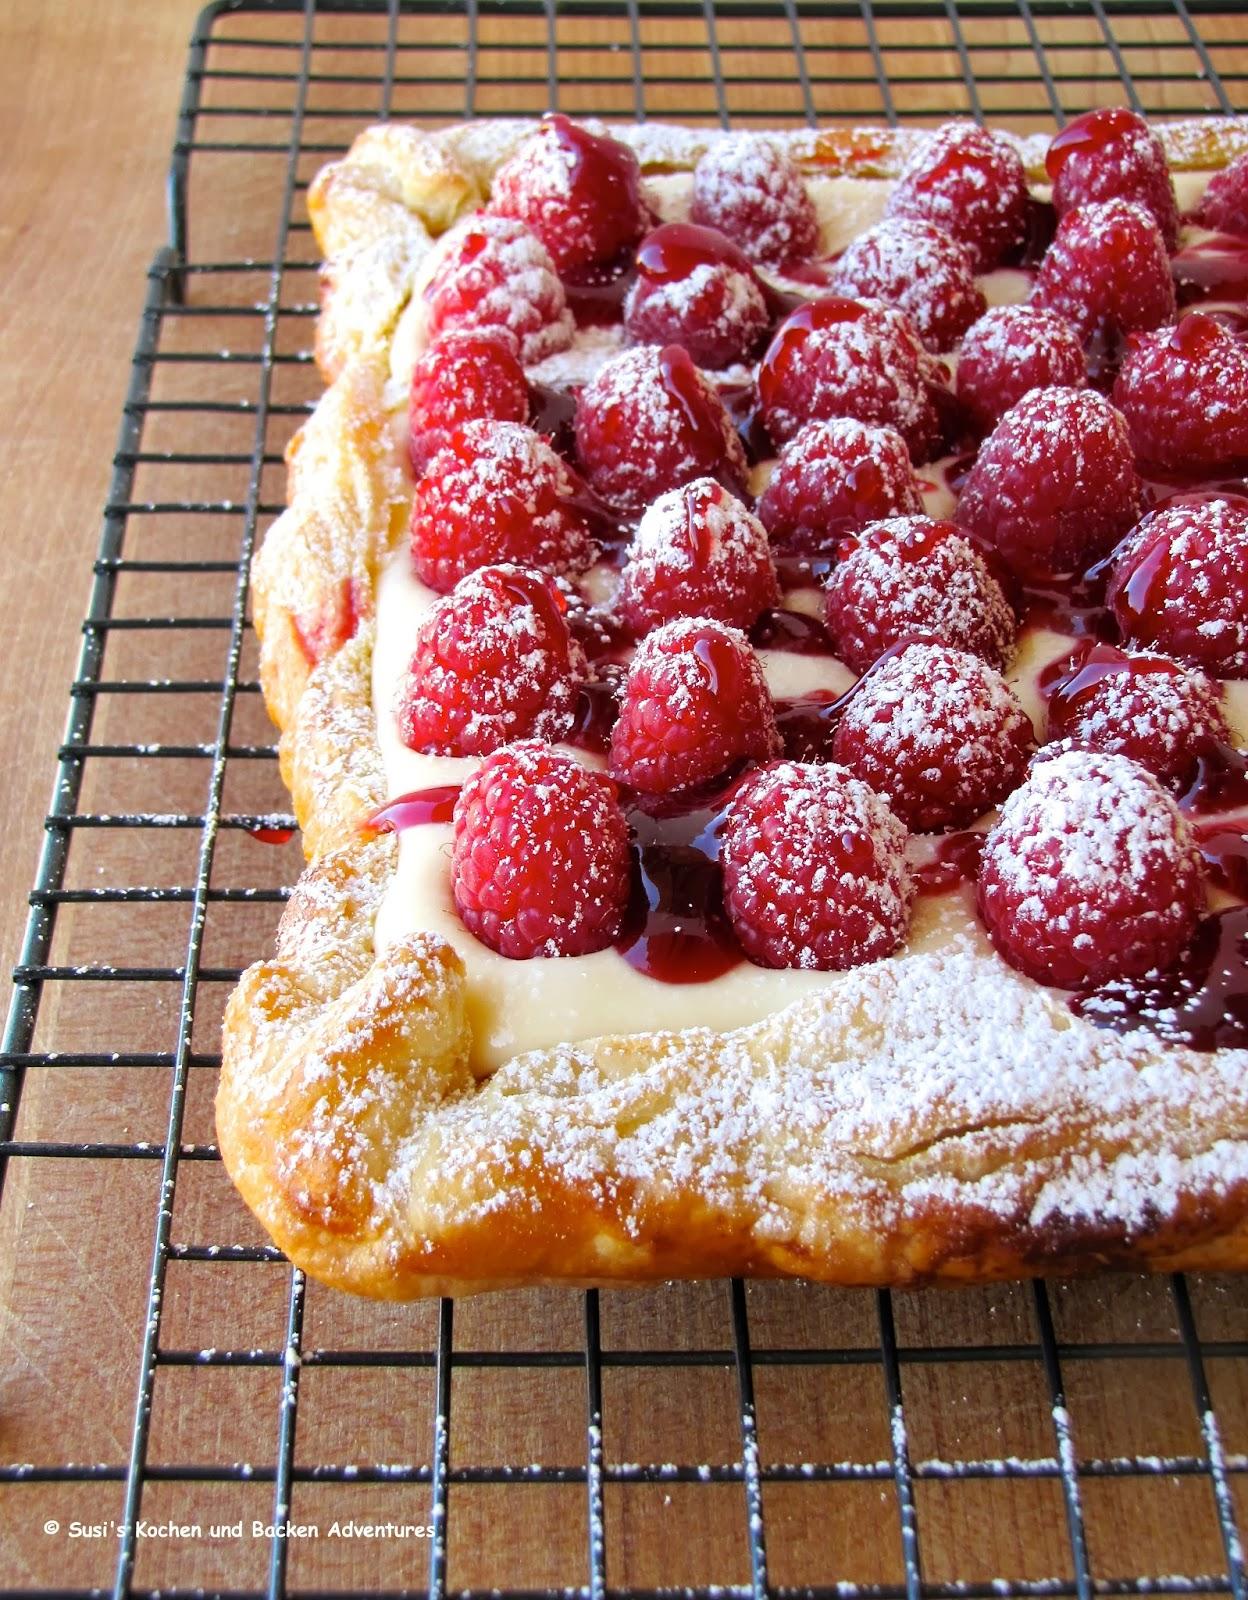 Susi's Kochen Und Backen Adventures: Rustic Raspberry ...